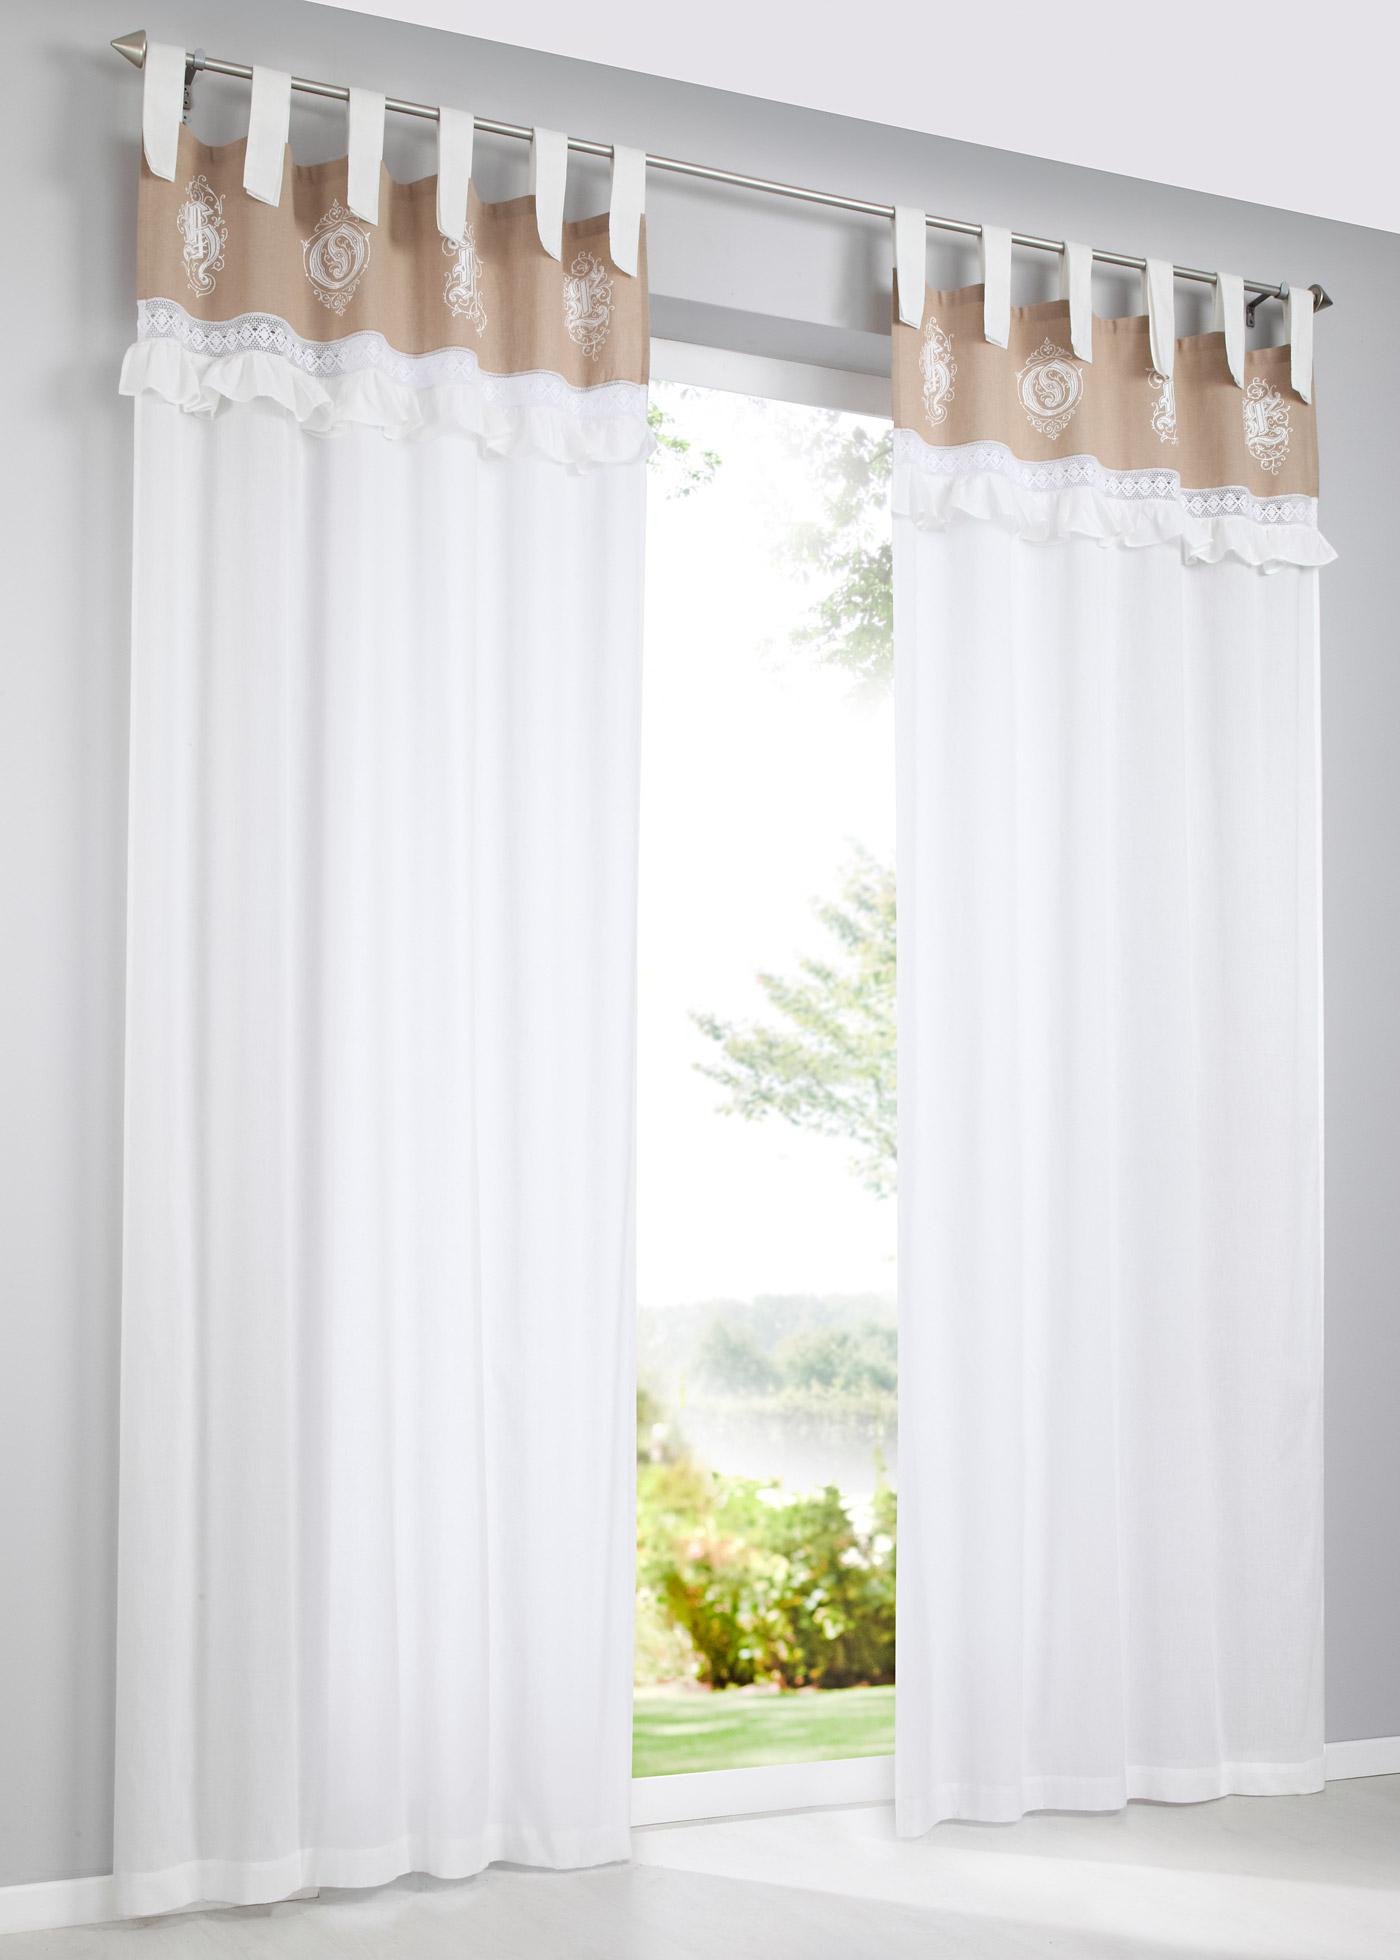 Voilage transparent aux détails particuliers. Bordure imprimée avec finition ruchée, pattes pour décorer la tringle à rideau. Dimensions = dimensions du tissu, matière mélangée lavable.